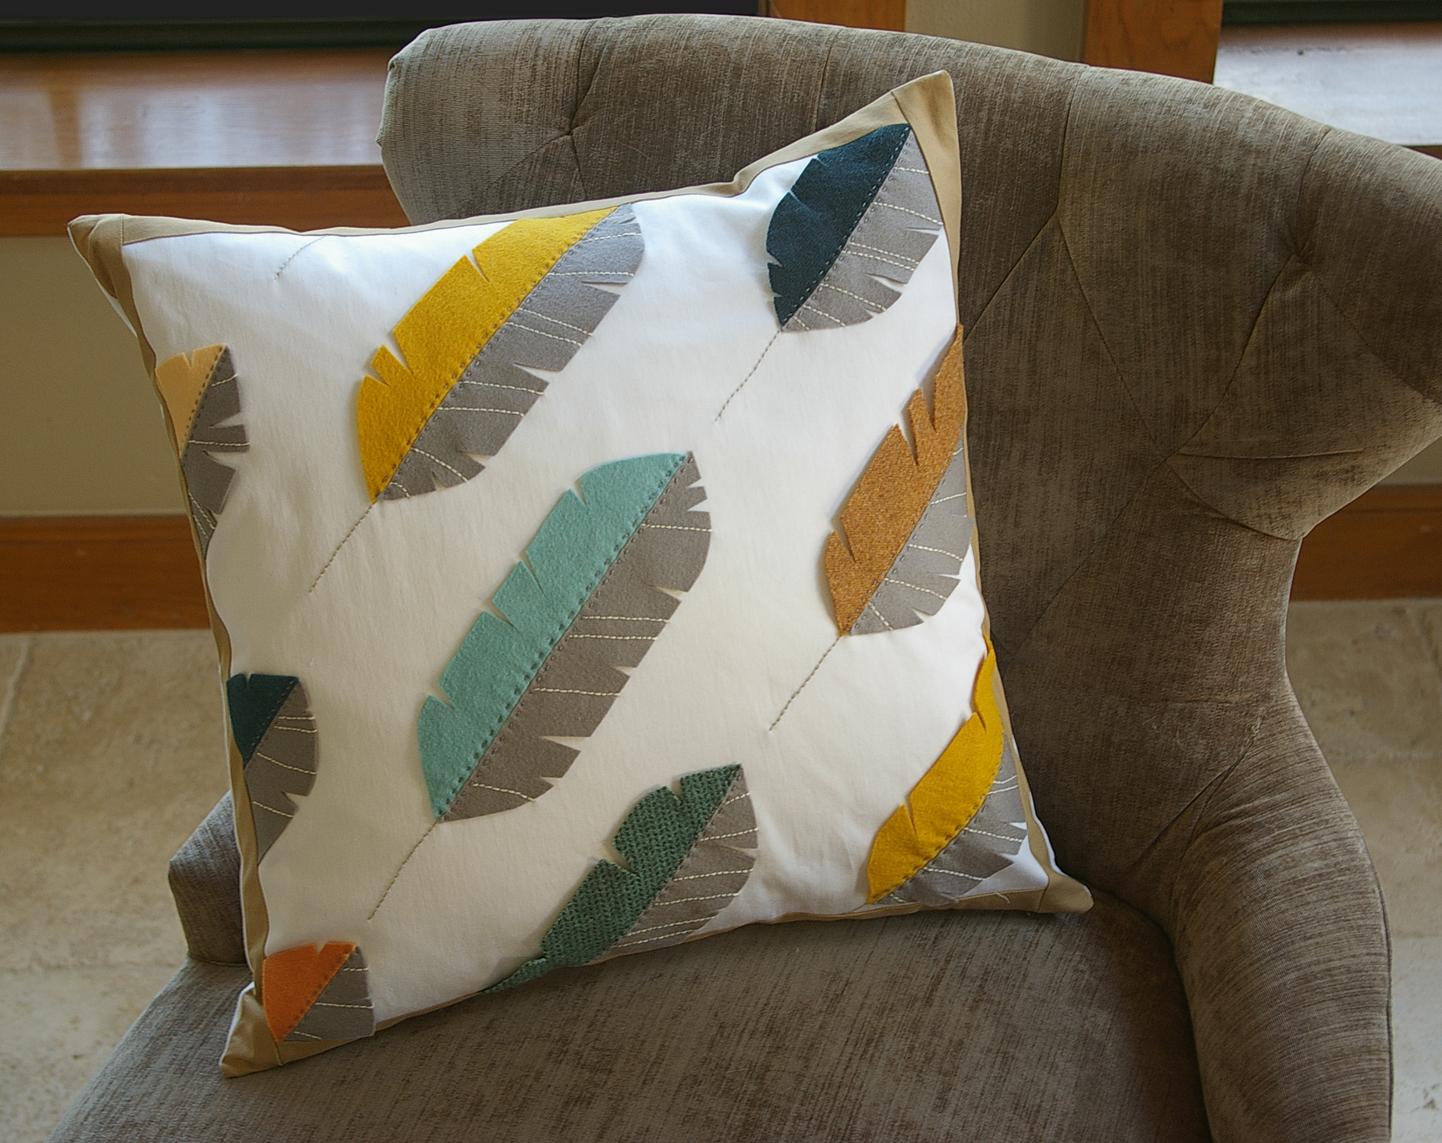 100 лучших идей: декоративные подушки своими руками на фото 99